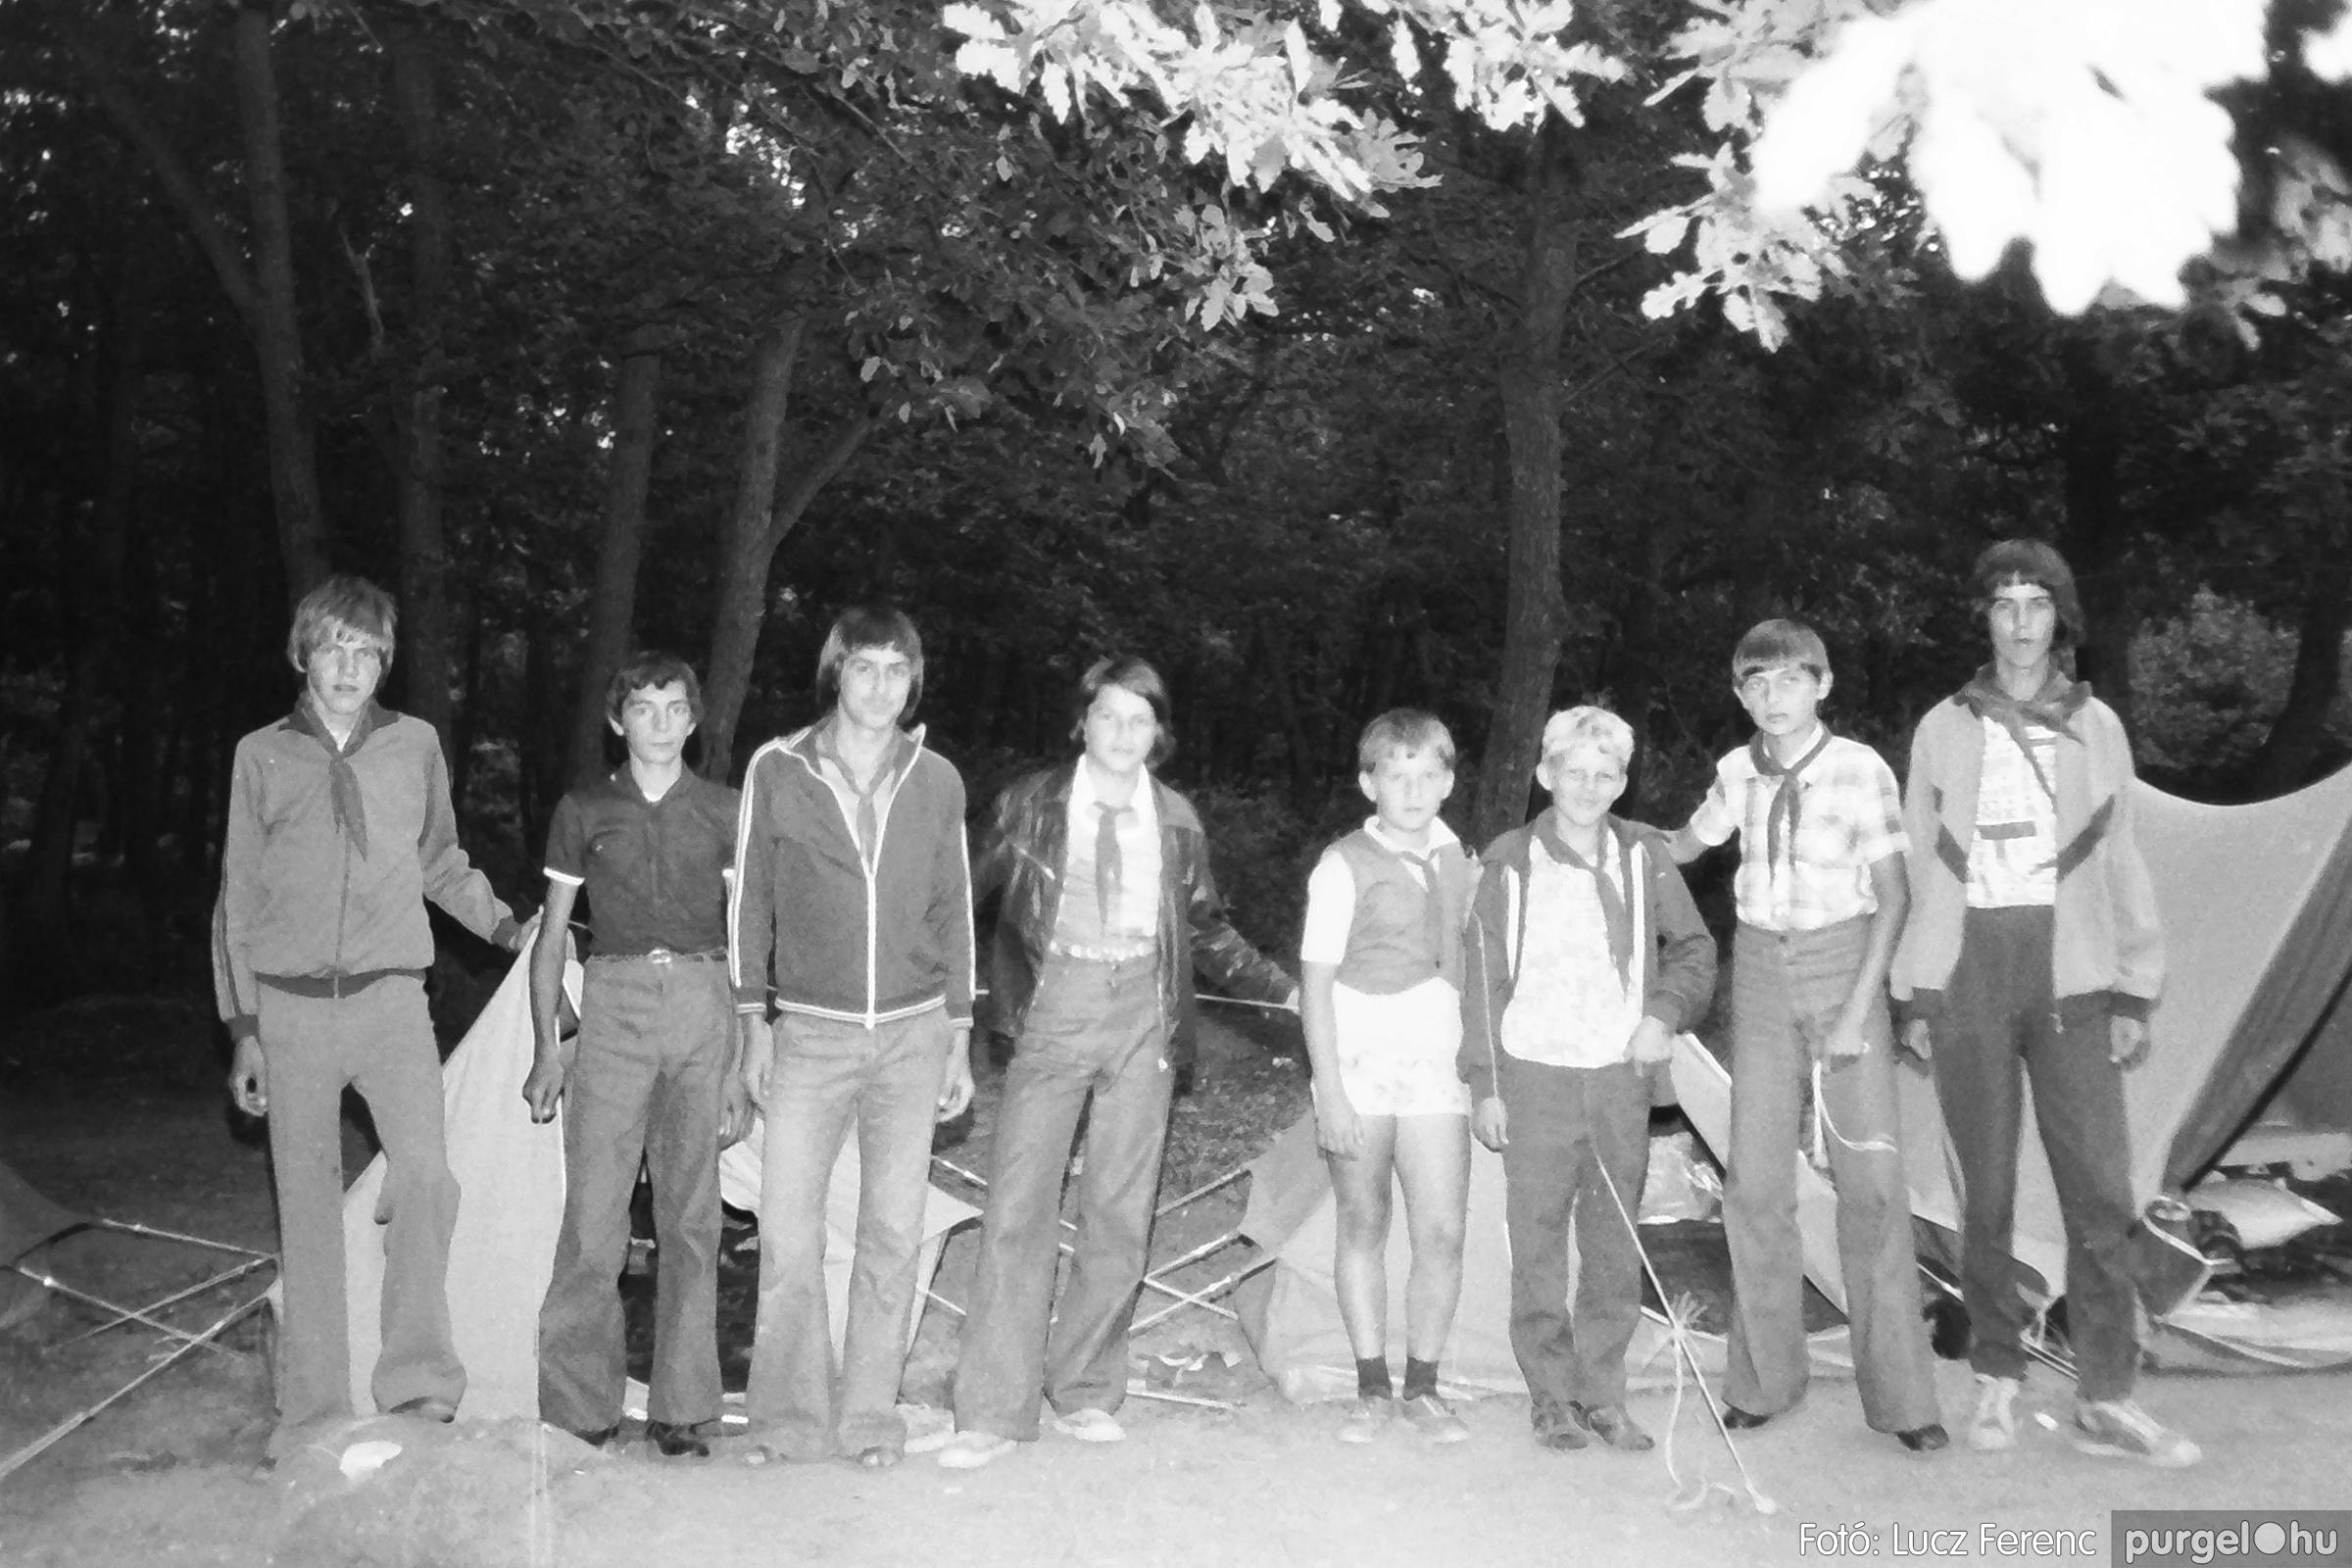 086, 088. 1977. Nyári tábor a Mátrában 053. - Fotó: Lucz Ferenc.jpg